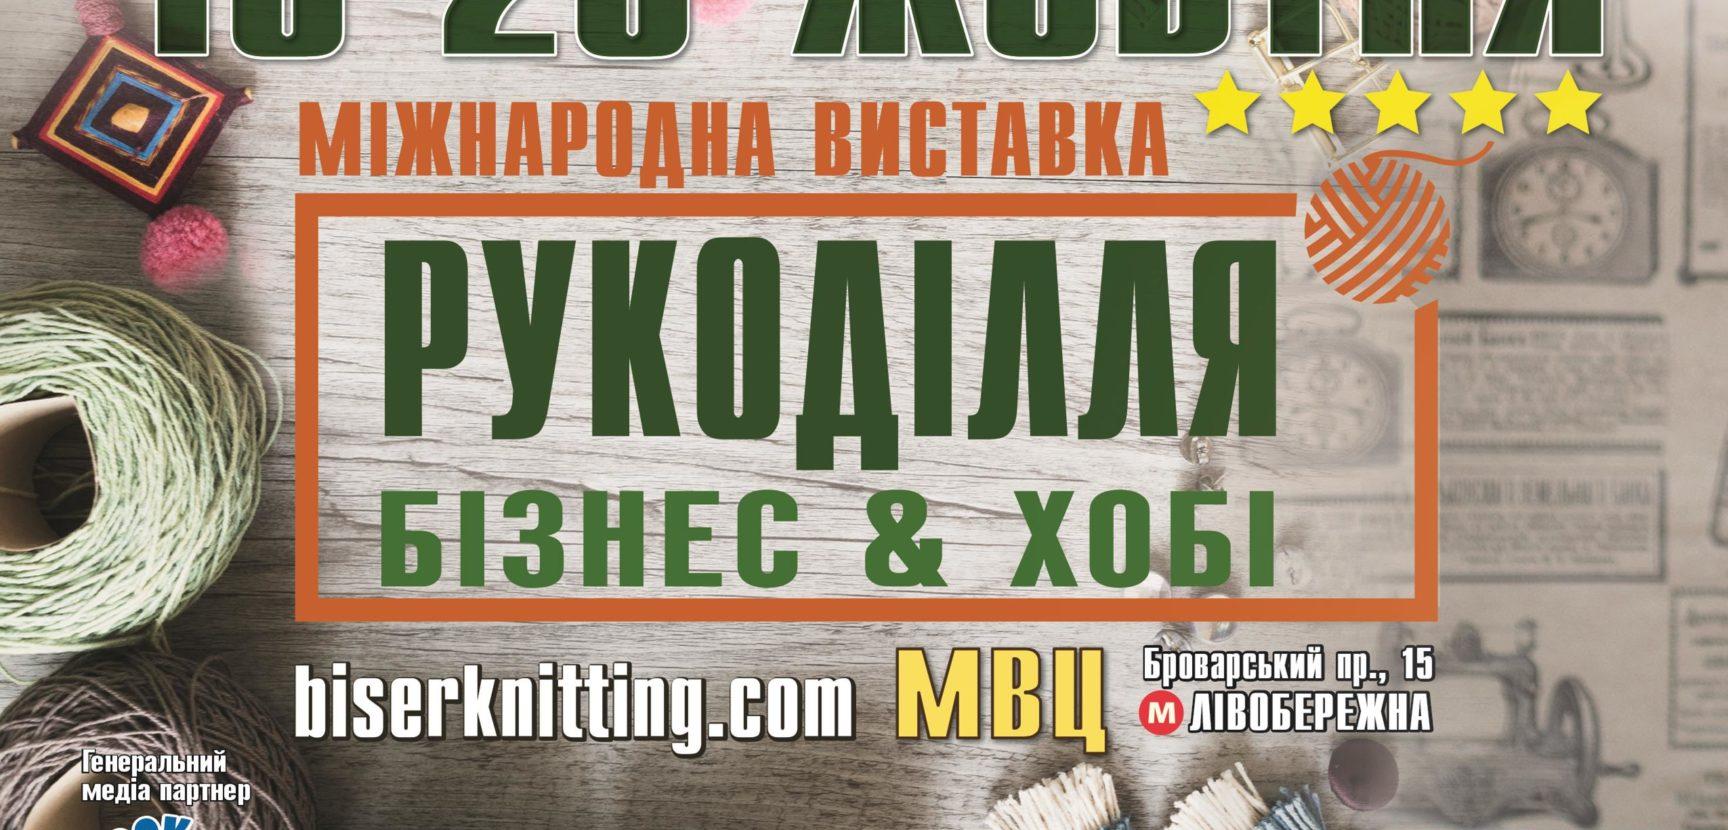 Международная выставка «Рукоделие. Бизнес & Хобби»